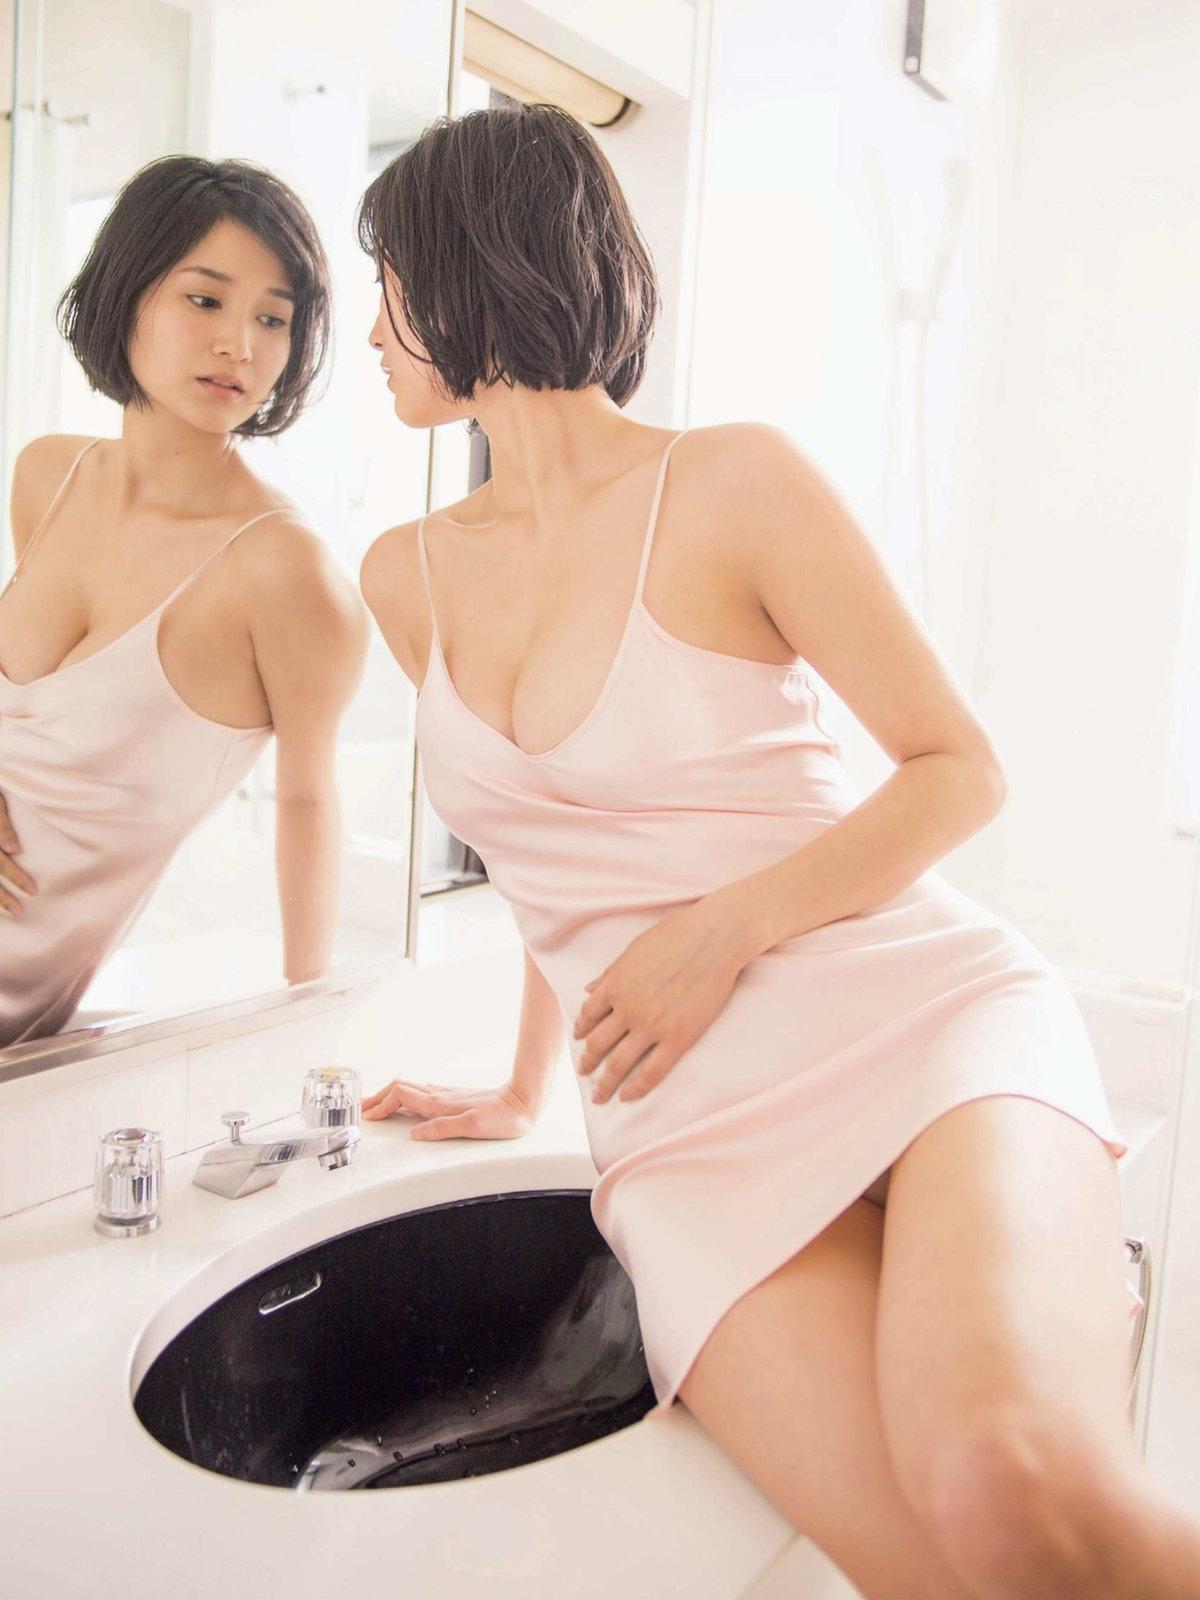 데구치 아리사(出口亜梨沙, でぐち ありさ) - 프라이데이 2018 2/23